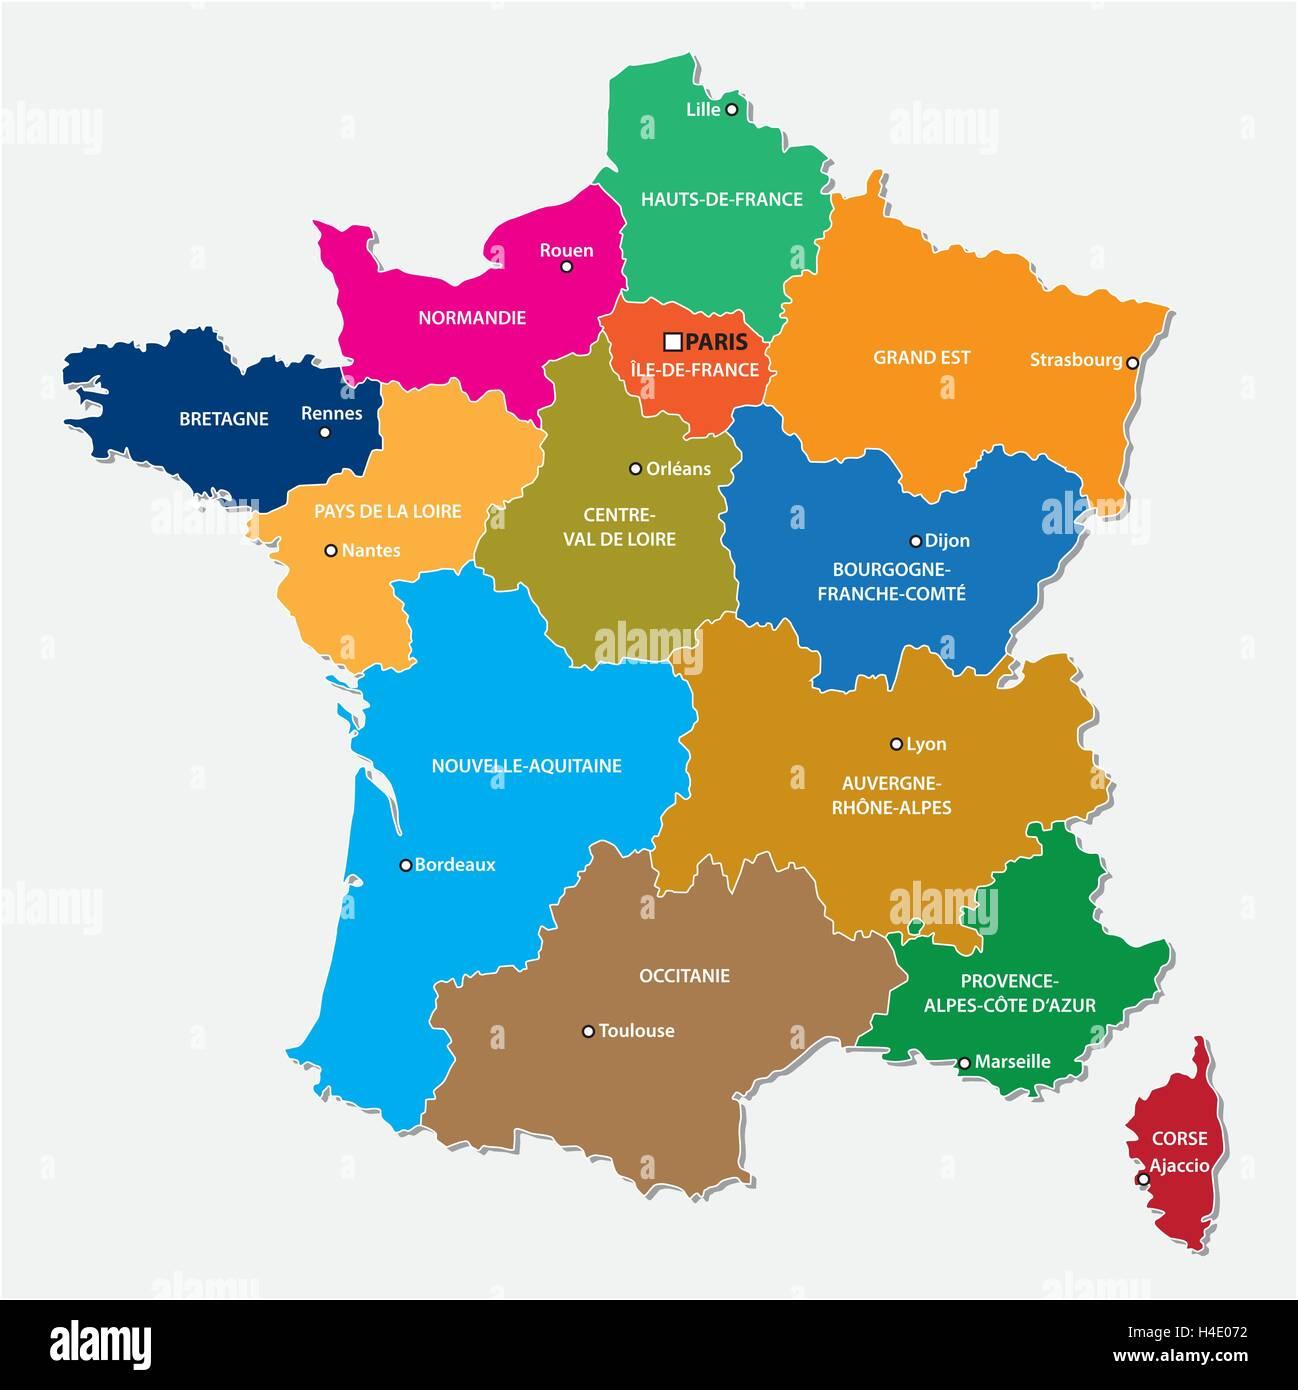 Regioni Della Francia Cartina.Mappa Amministrativa Delle 13 Regioni Della Francia Dal 2016 Immagine E Vettoriale Alamy